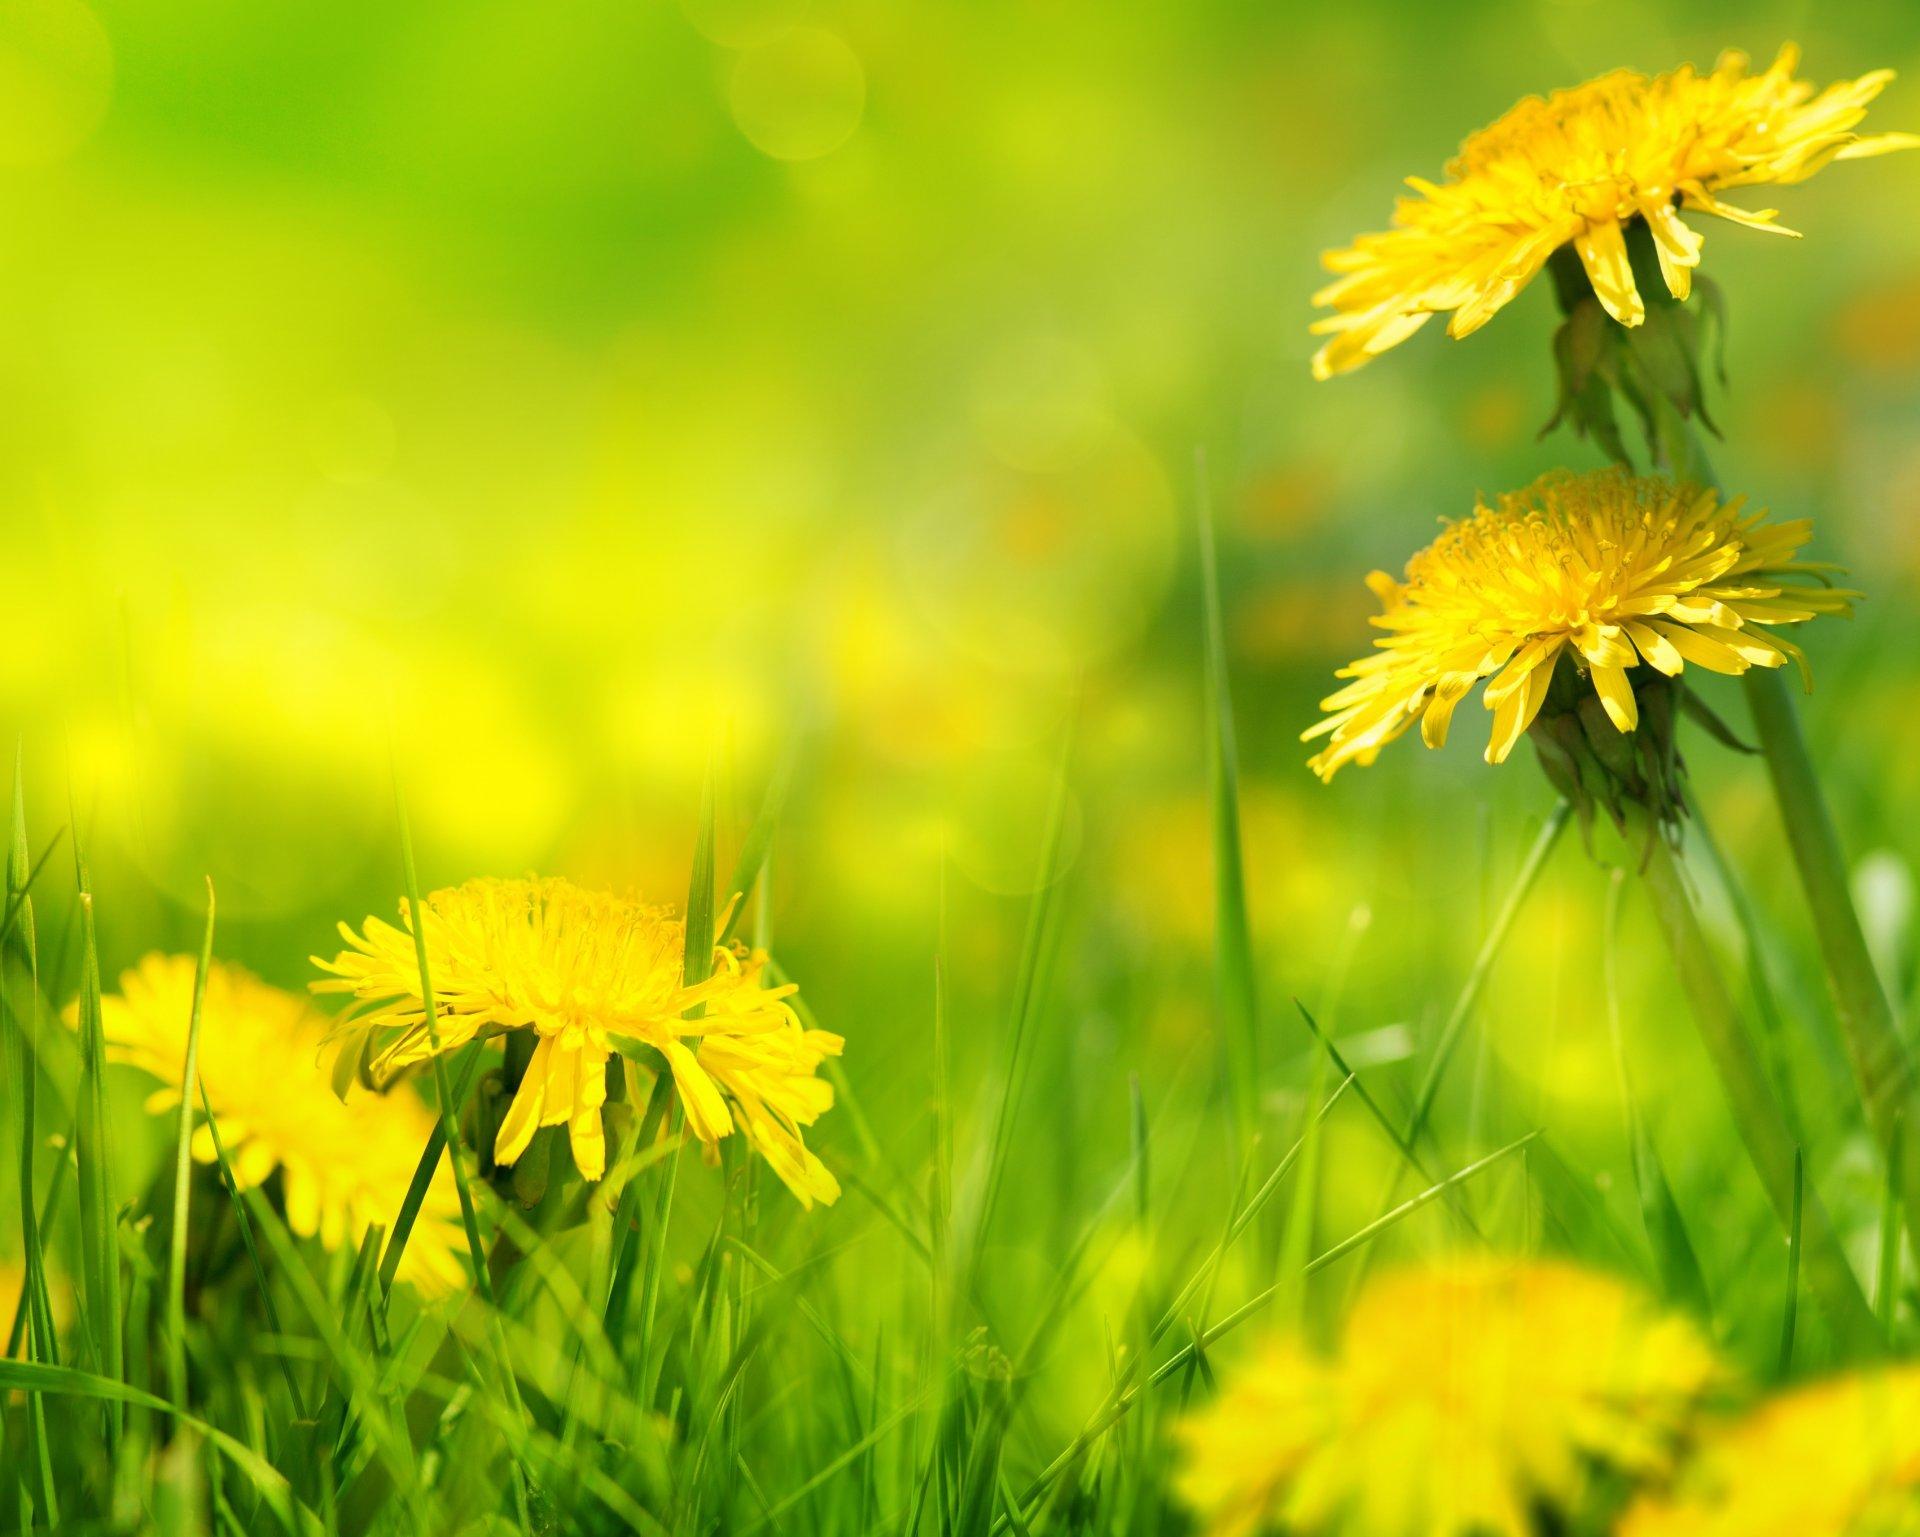 желто зеленые картинки на природе нашем